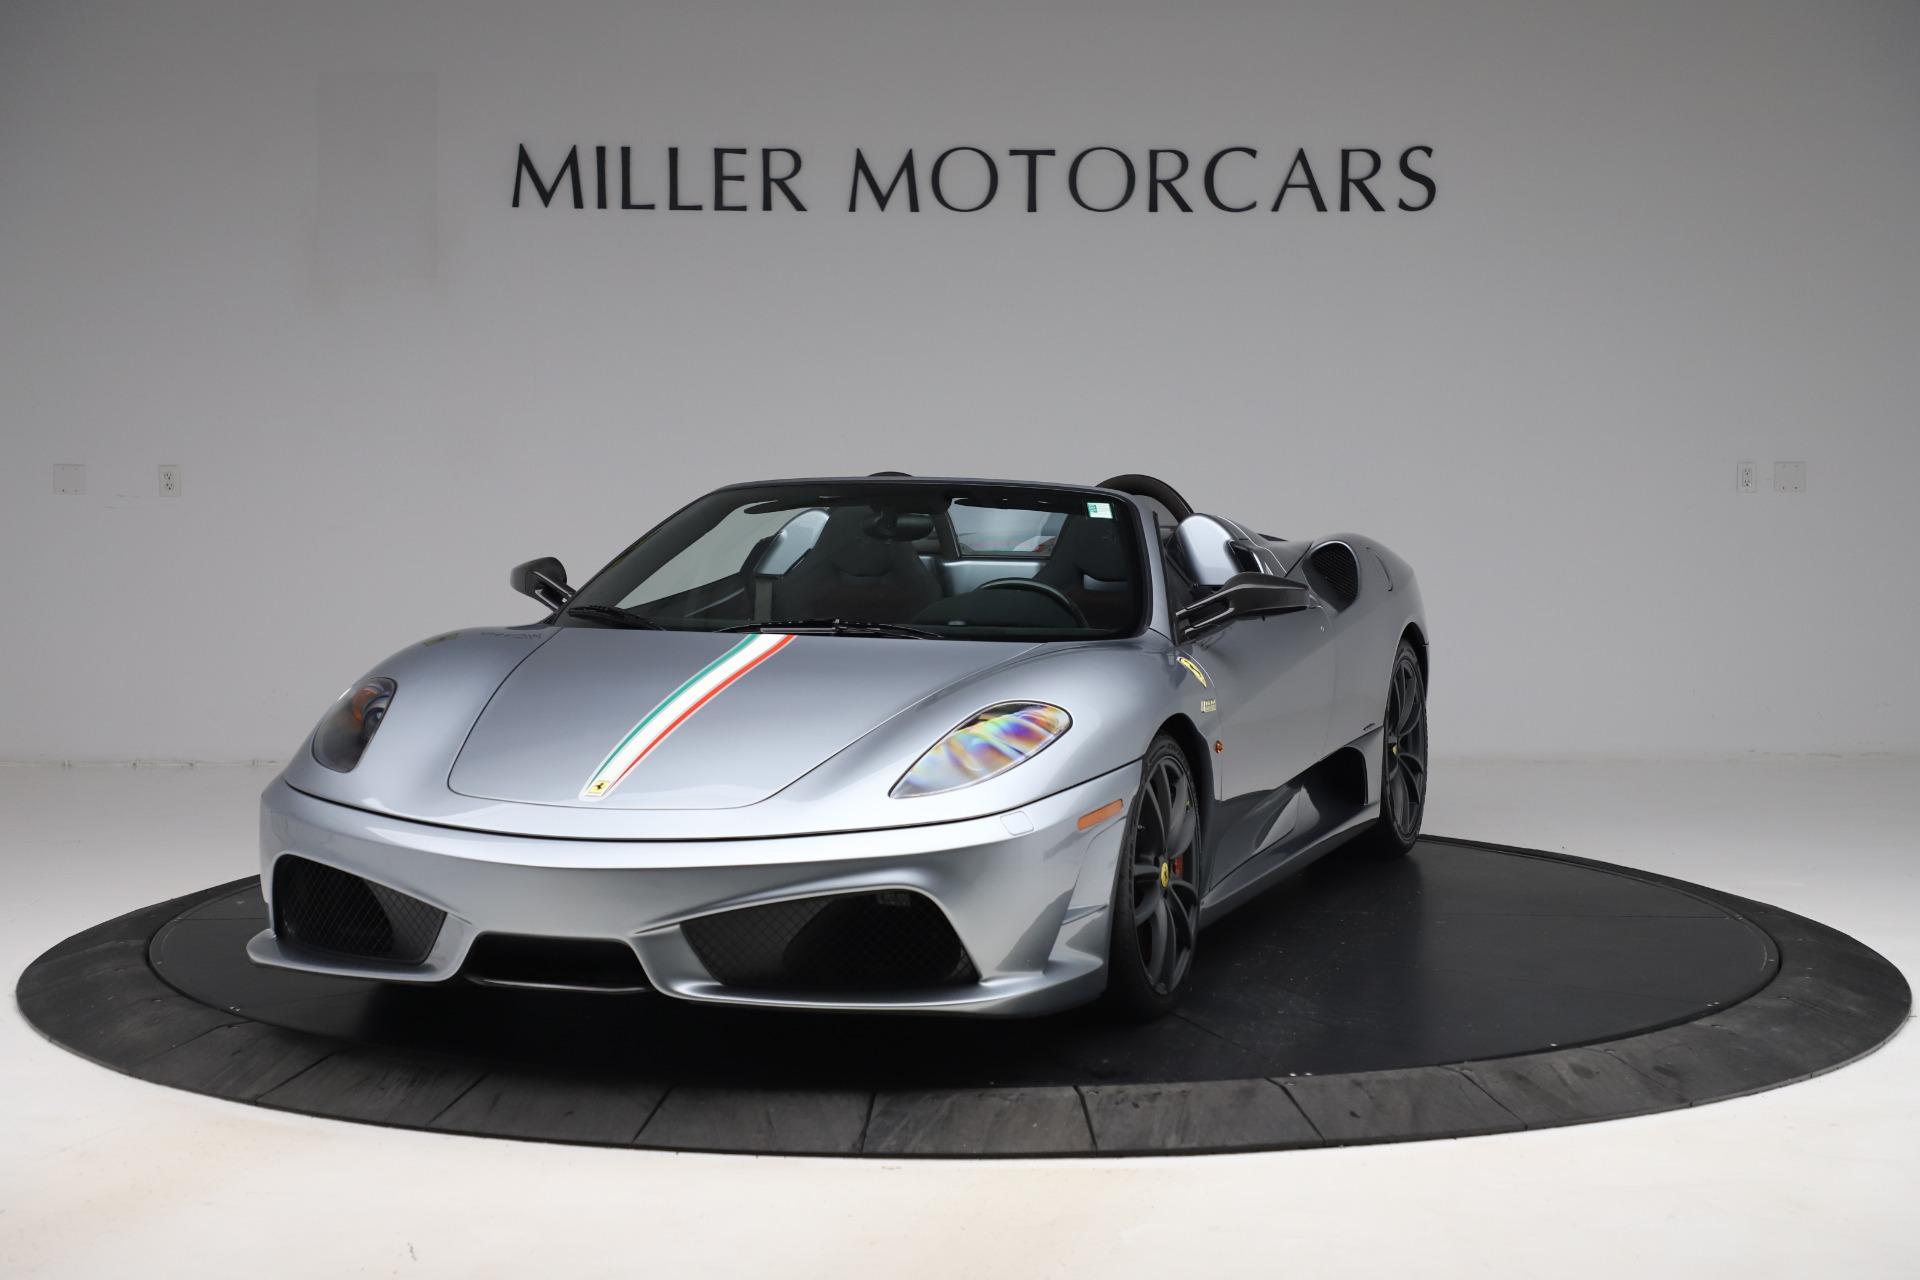 Used 2009 Ferrari 430 Scuderia Spider 16M for sale $319,900 at Pagani of Greenwich in Greenwich CT 06830 1